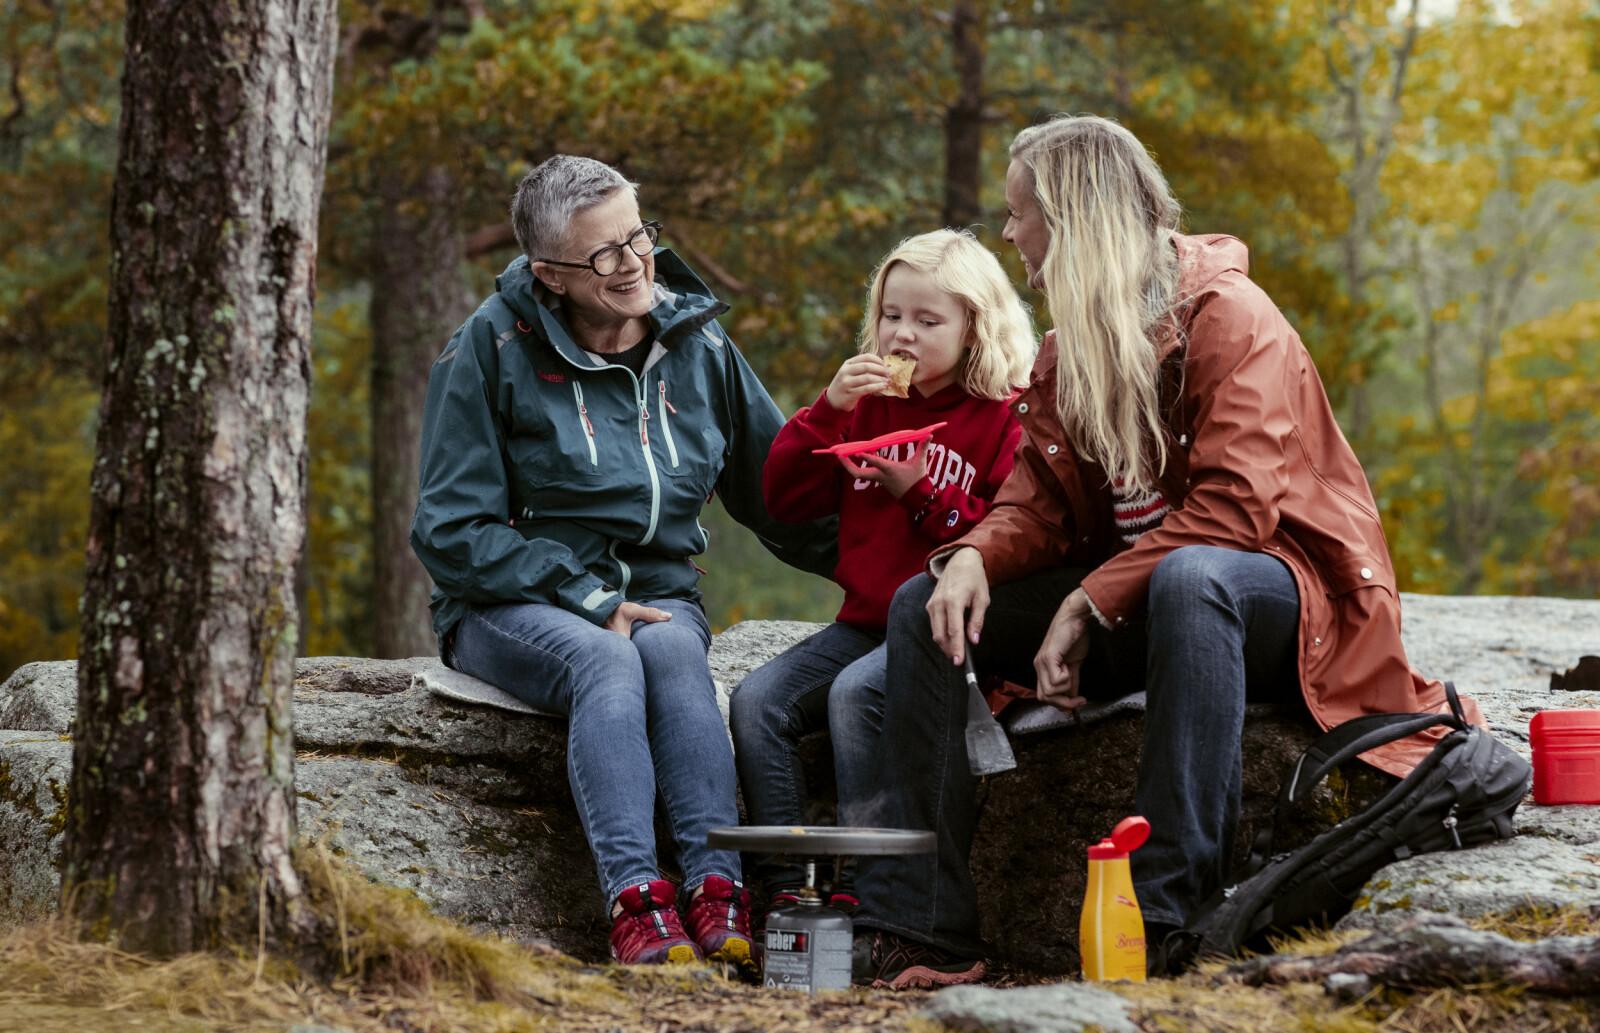 EVENTYRTUR: Helt siden Silje var barn har hun og mamma Kari gjort det beste ut av en situasjon med lite penger - de har alltid dratt jevnlig på eventyrtur ute i skogen. Den tradisjonen har Silje tatt med videre til sine egne barn. Her sammen med datteren Celia (7). FOTO: Astrid Waller